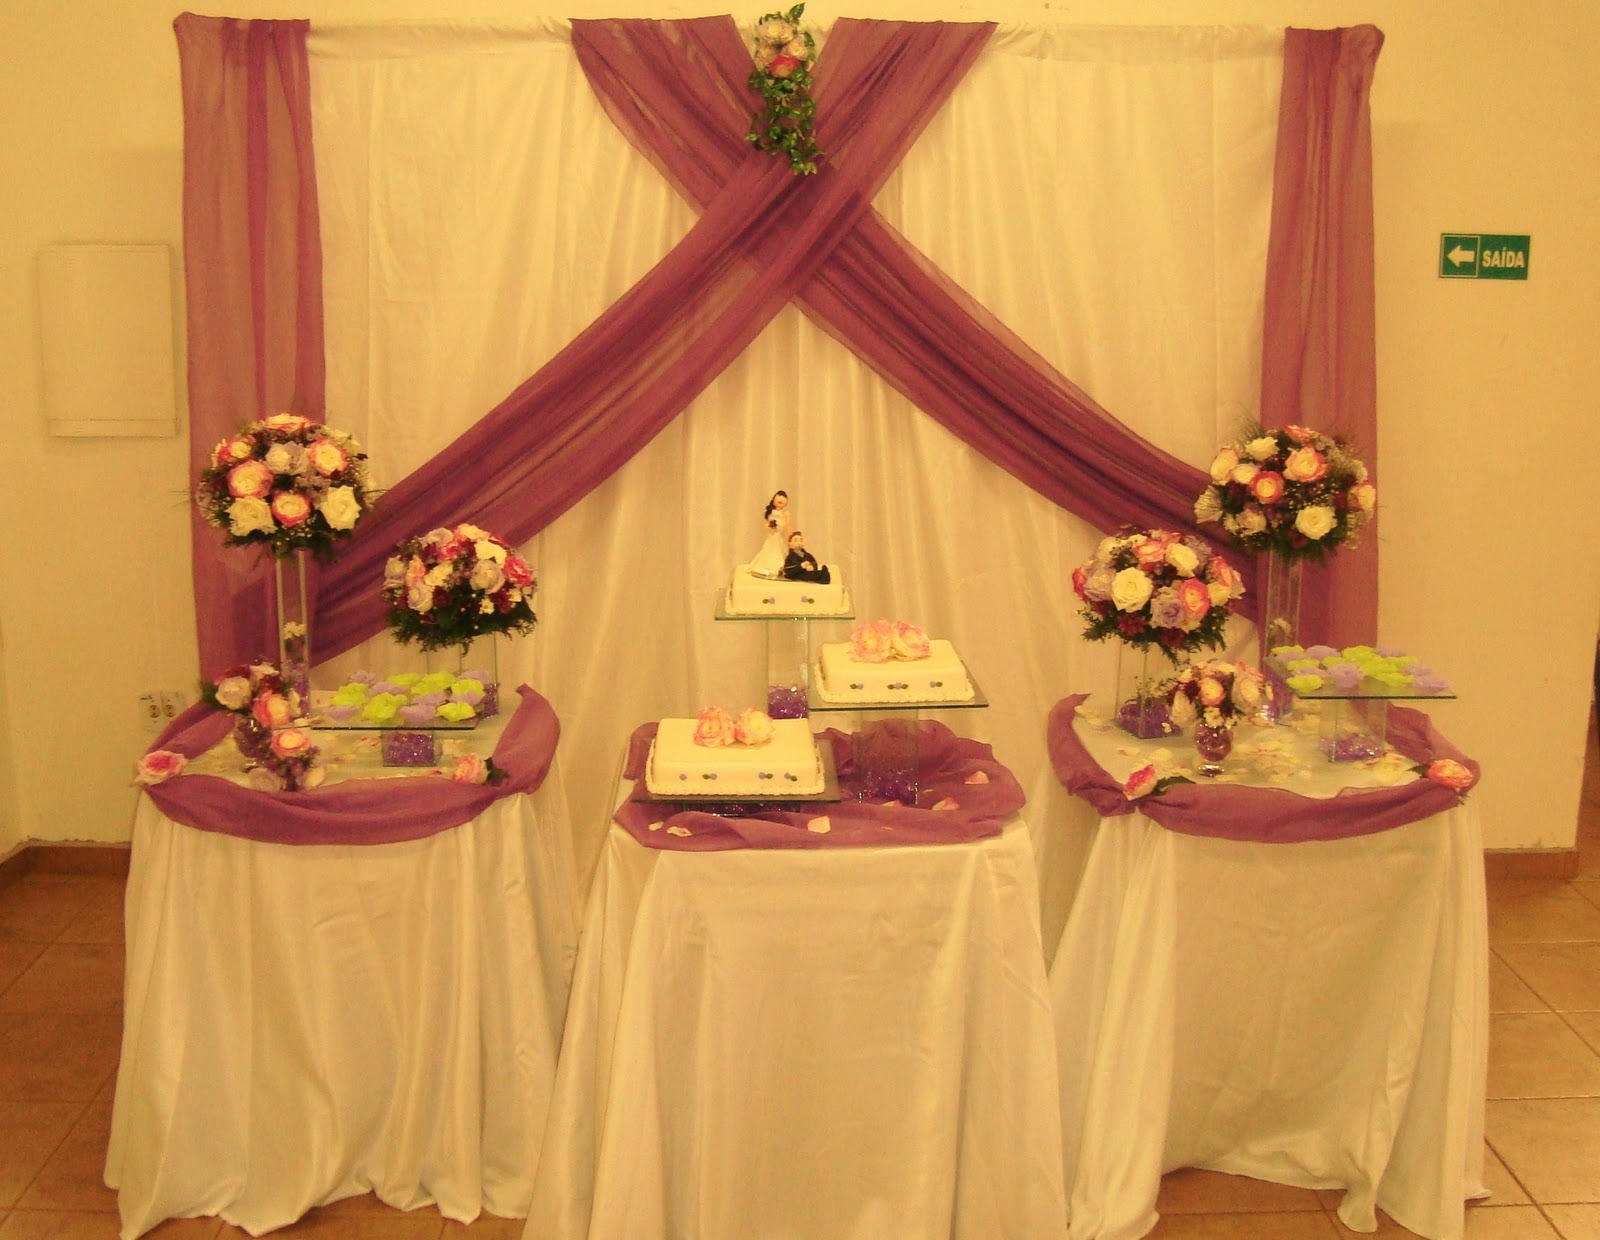 Dani quer casar na igreja Ideias de decoraç u00e3o com tnt  -> Decoracao De Tnt Casamento